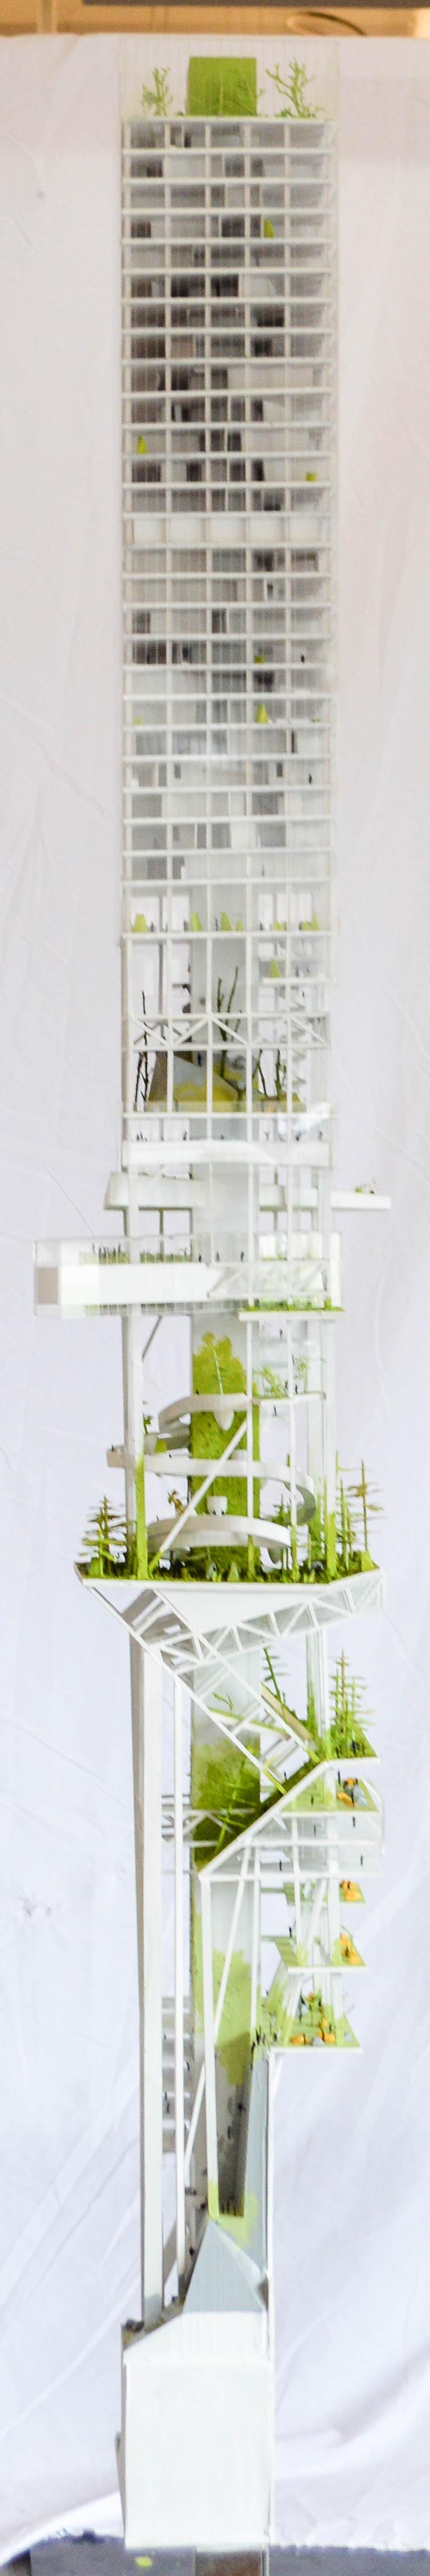 verticaltower-10.jpg